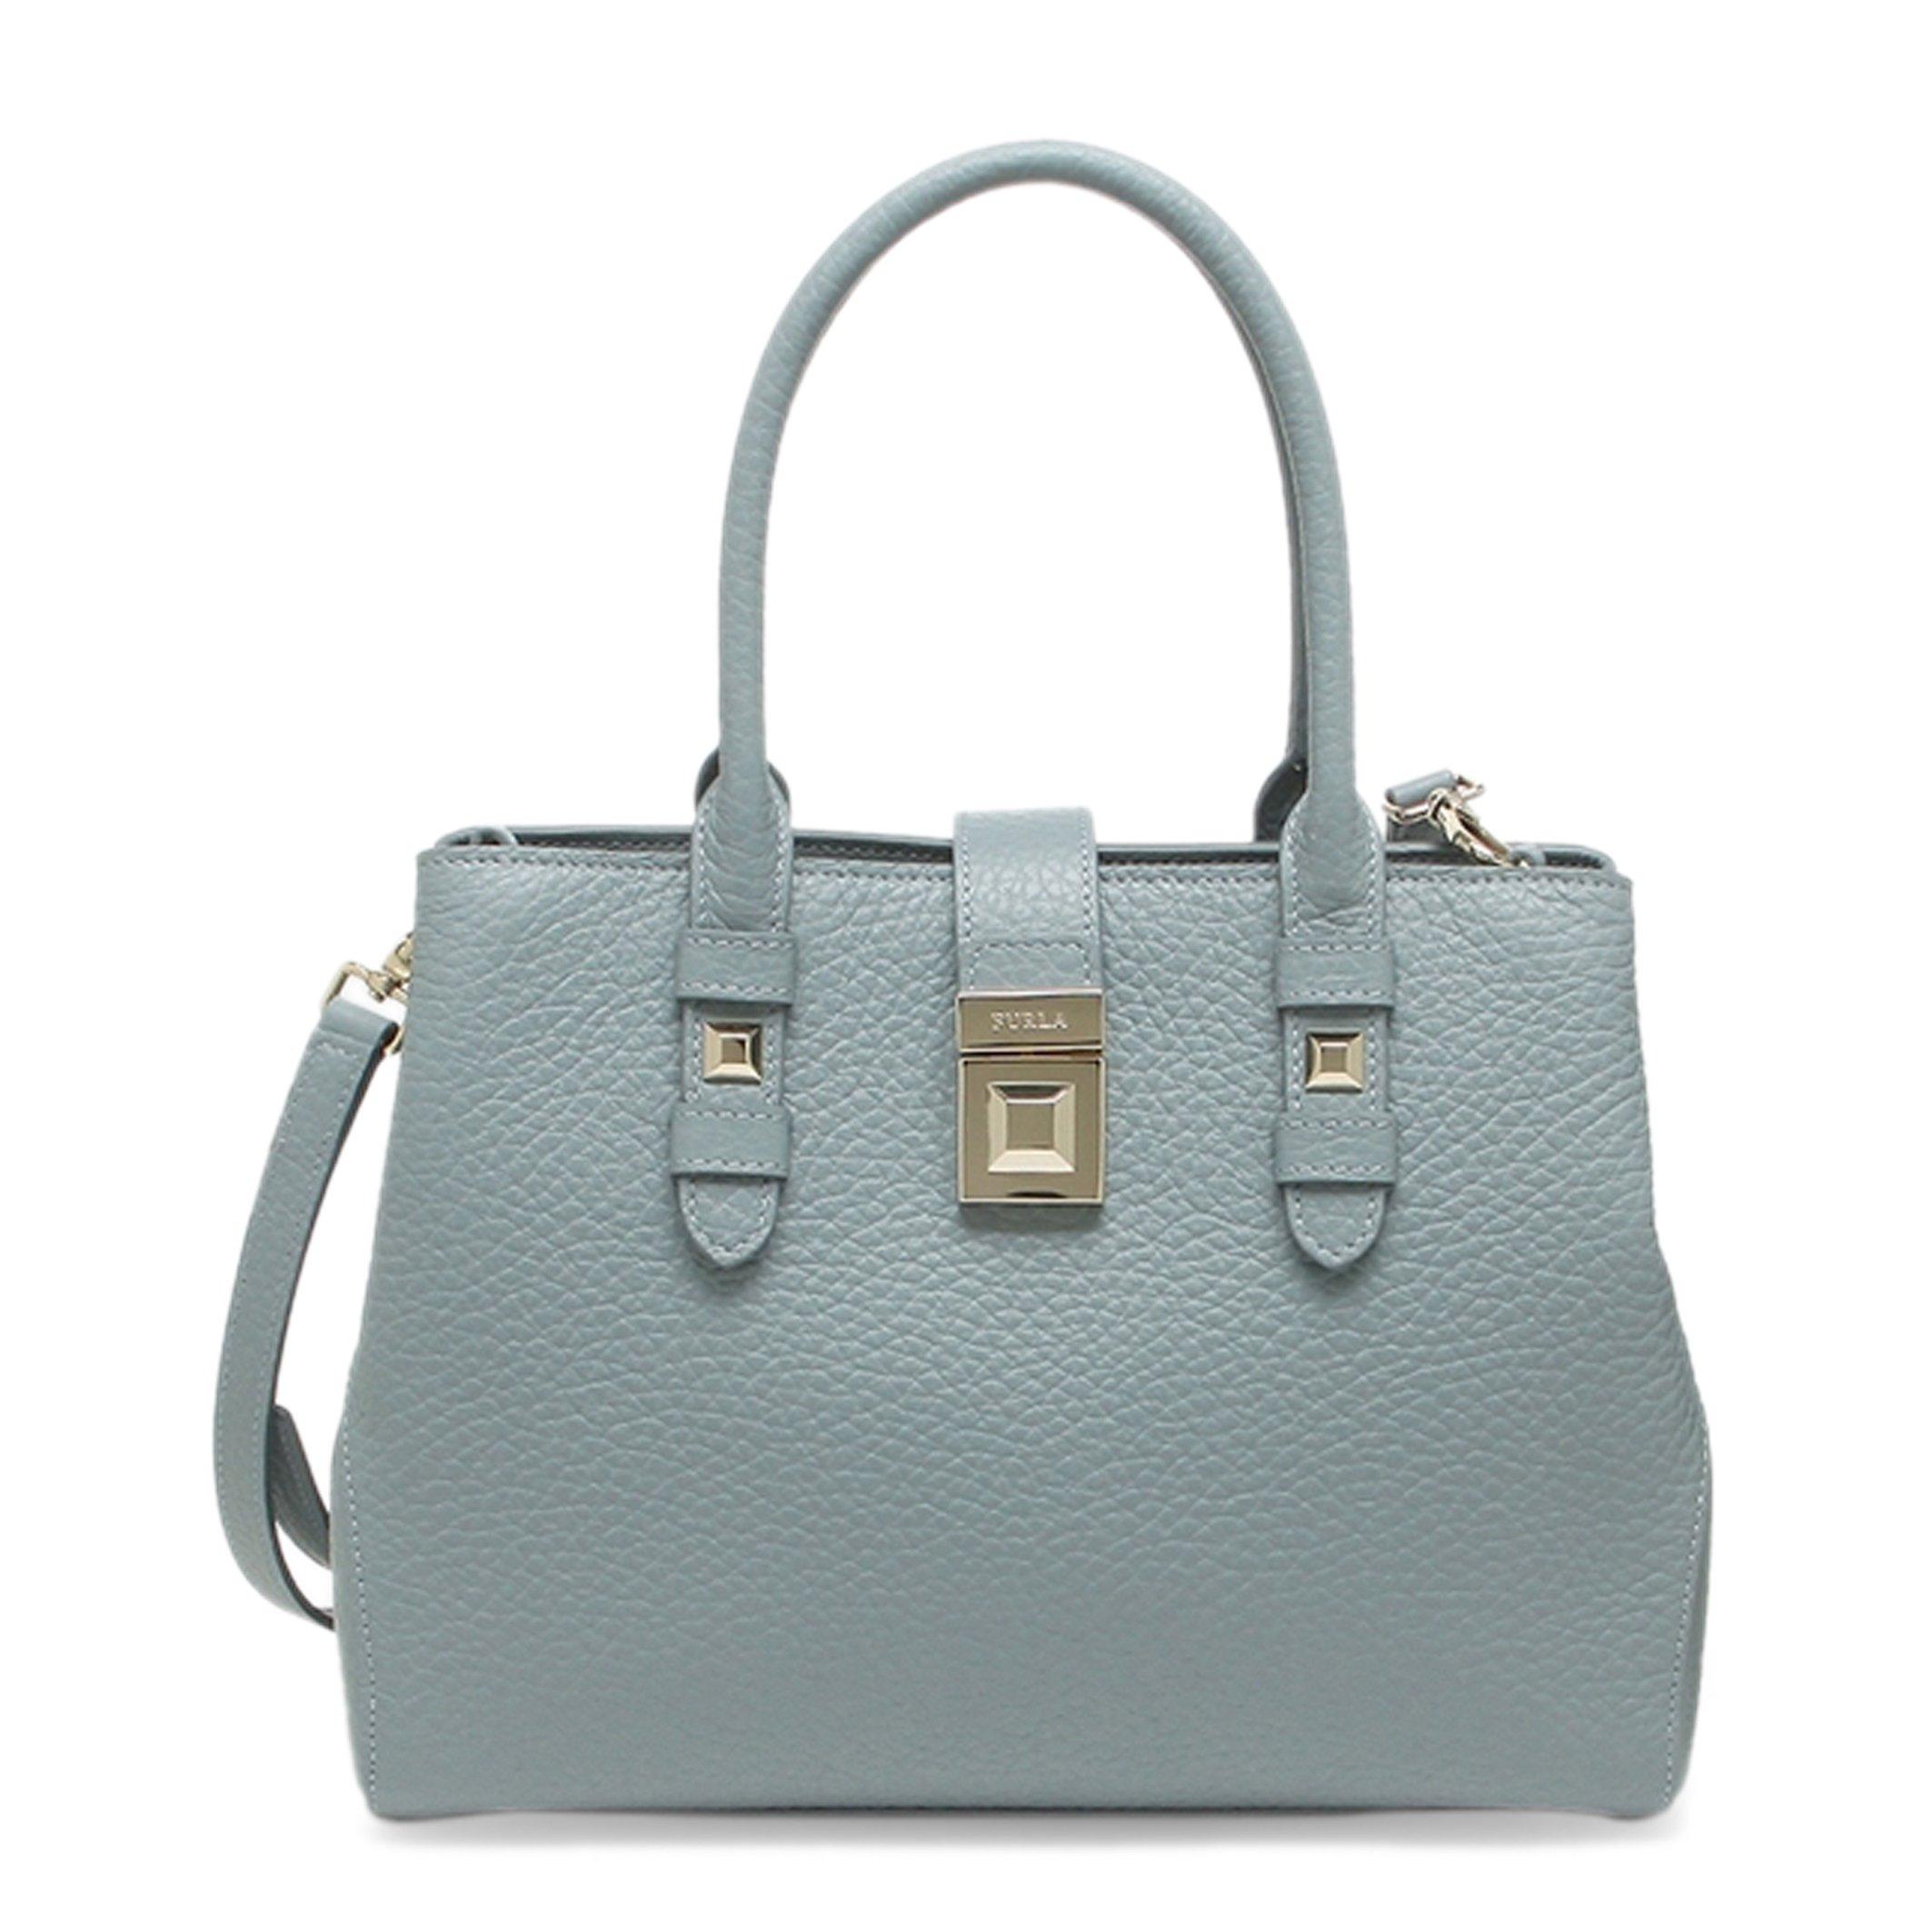 Furla Women's Handbag Various Colours JOANN_BYK7JOA - blue NOSIZE